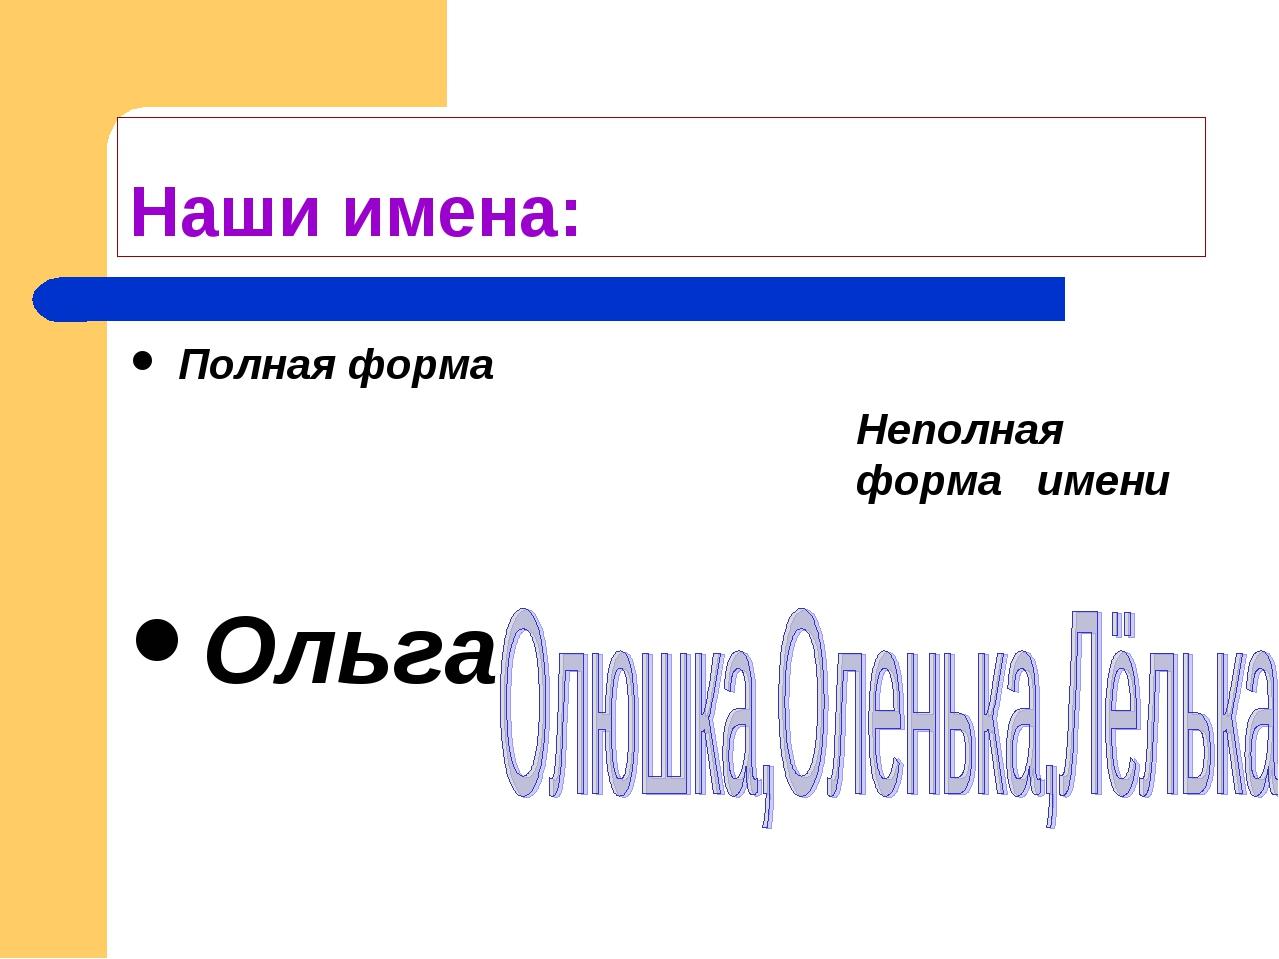 Наши имена: Полная форма Ольга Неполная форма имени